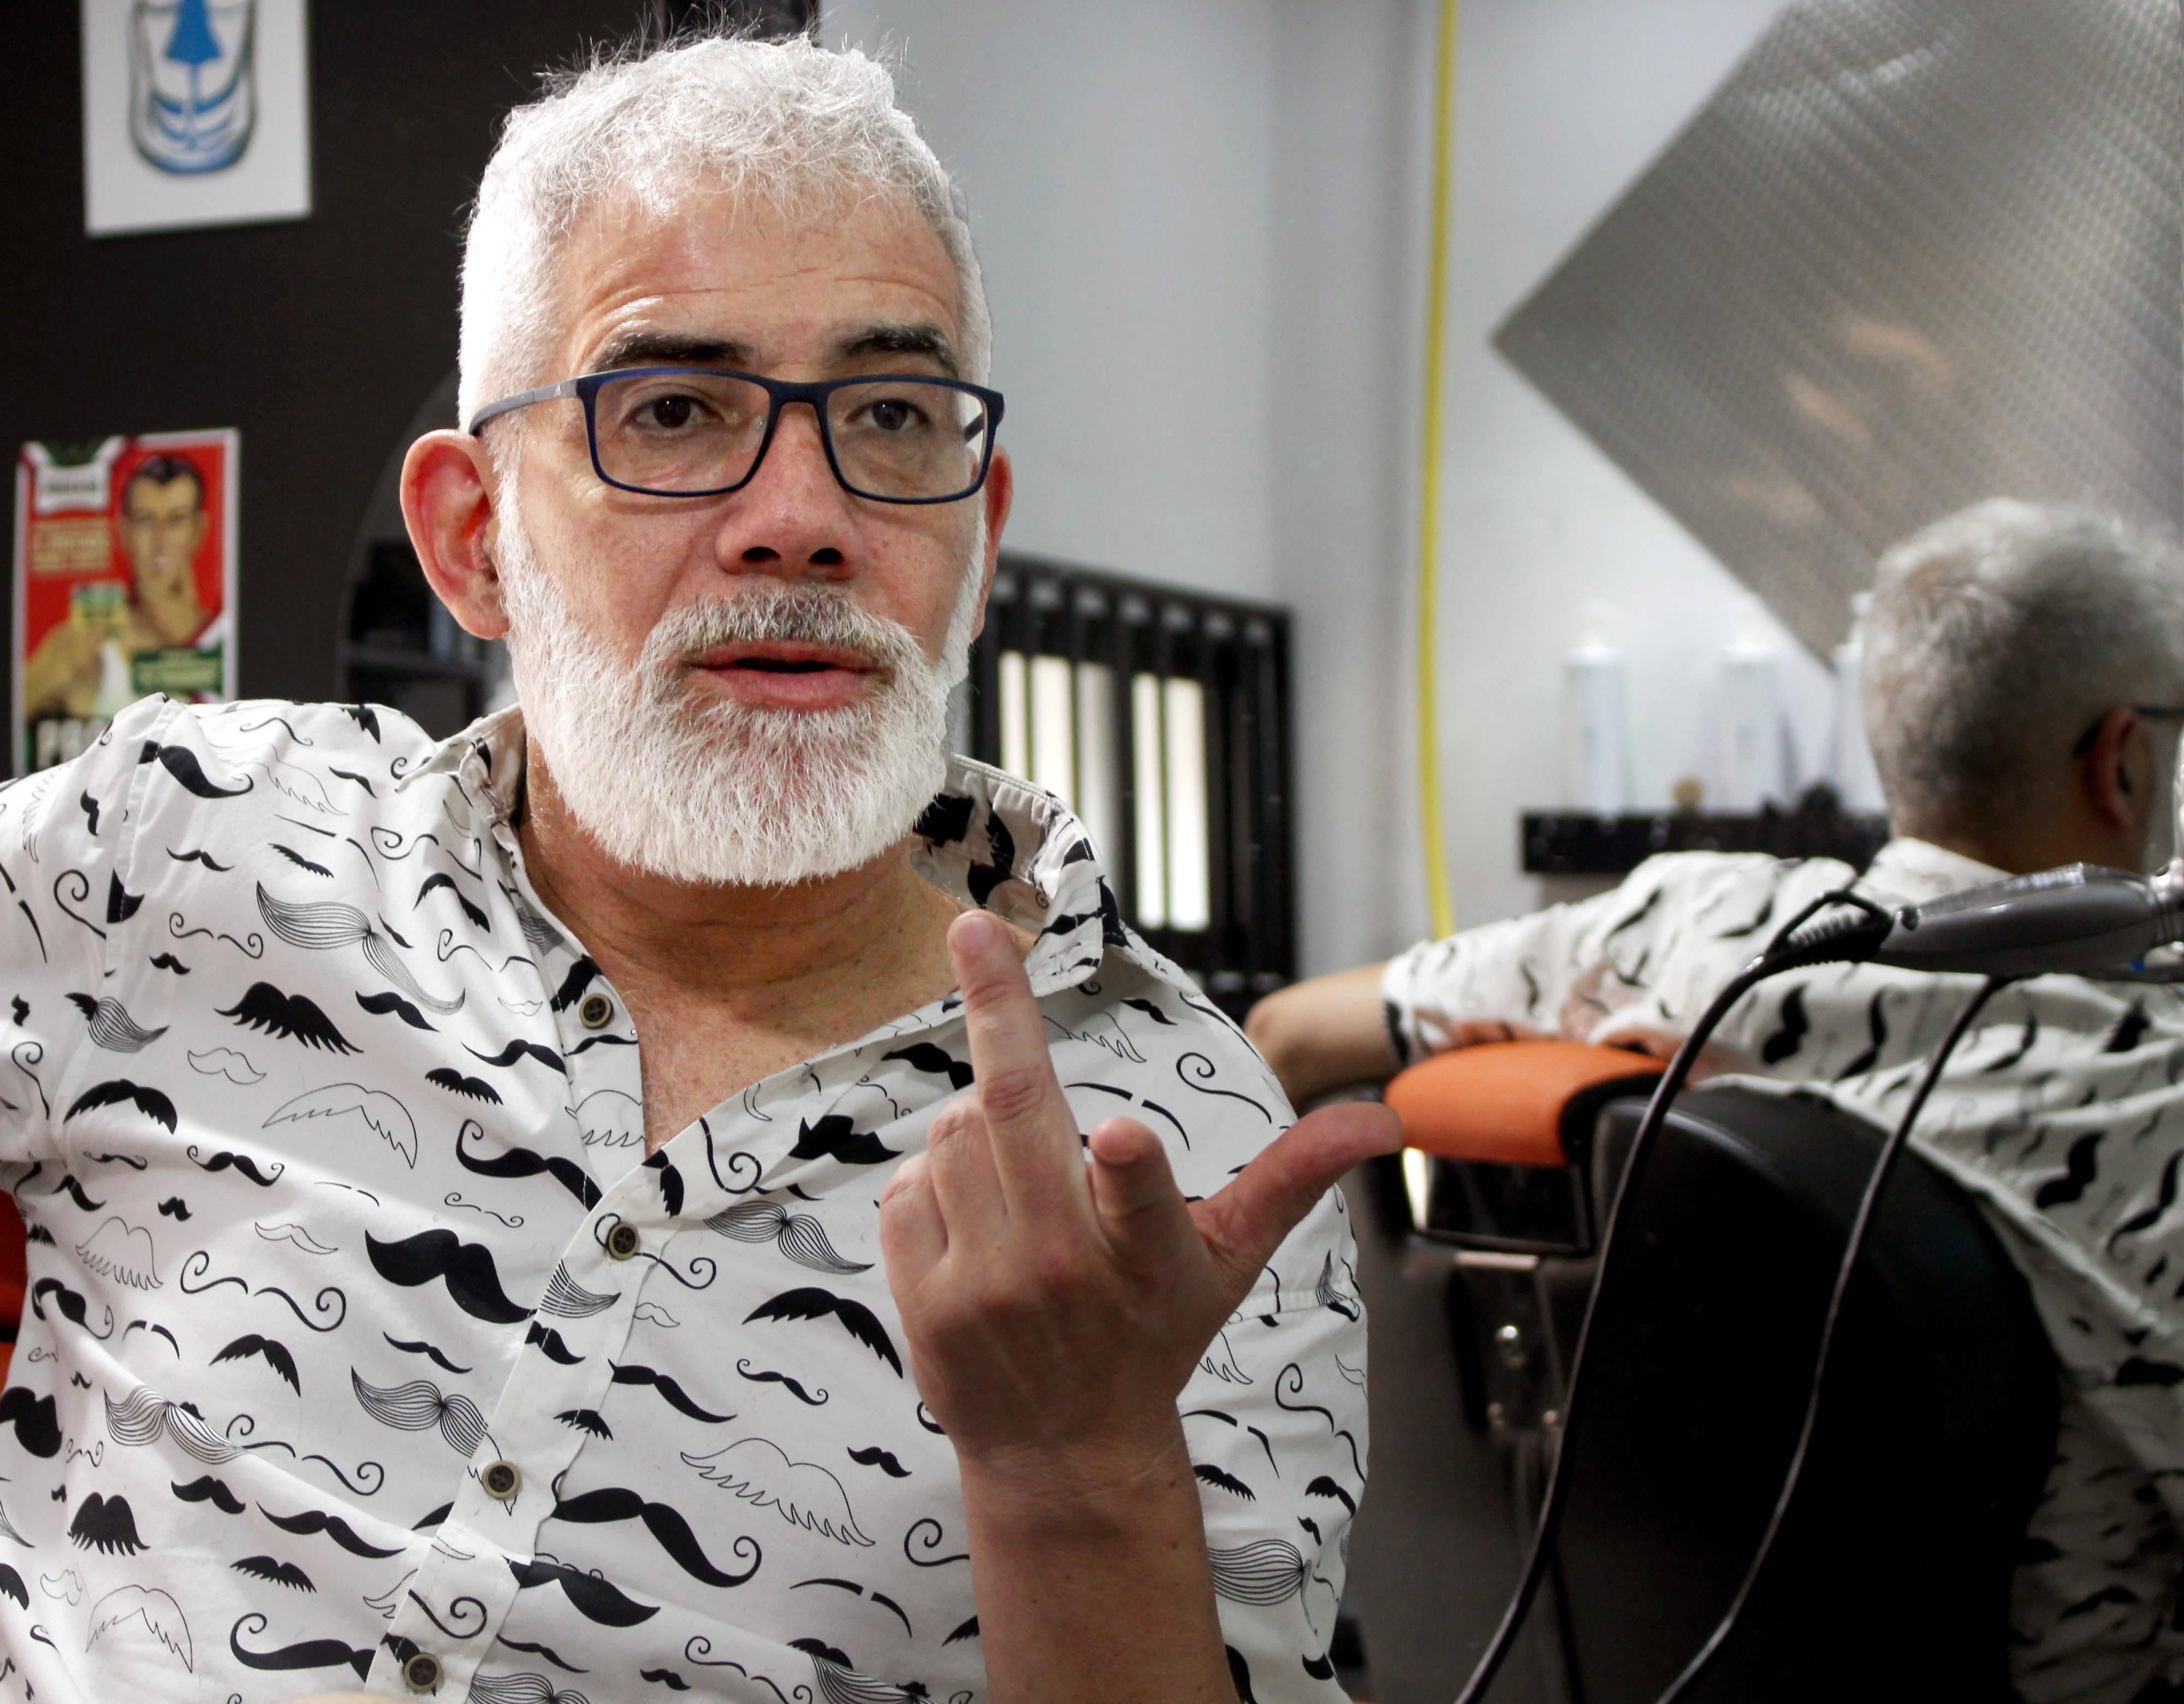 Ferreyra inaugura su peluquería en 2012 con una inversión inicial de 18.000 euros.